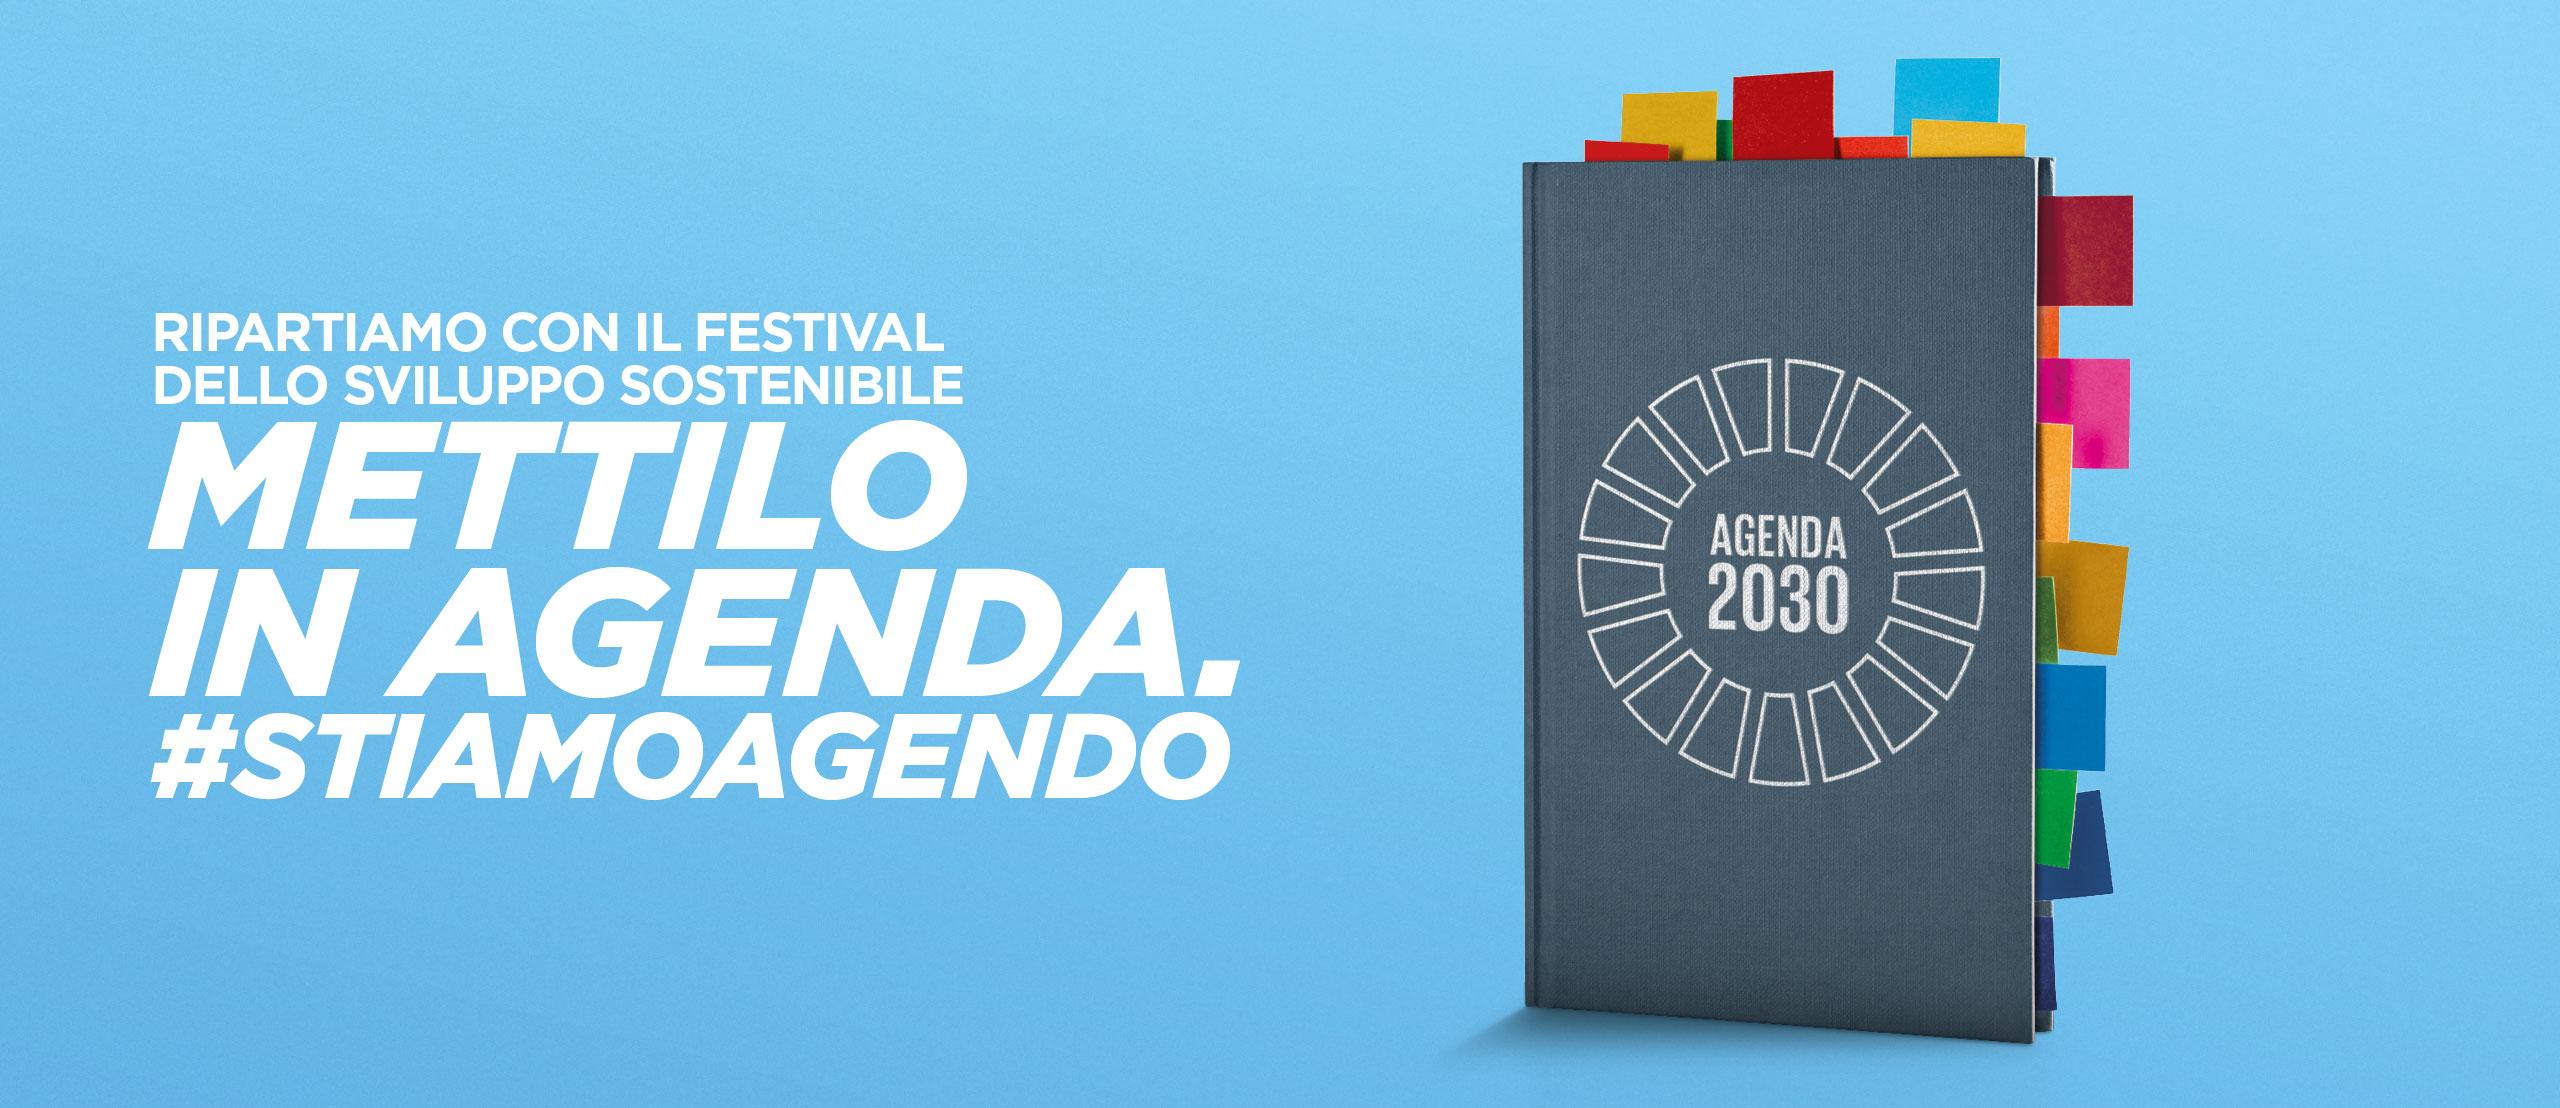 Cru Unipol - Festival dello sviluppo sostenibile